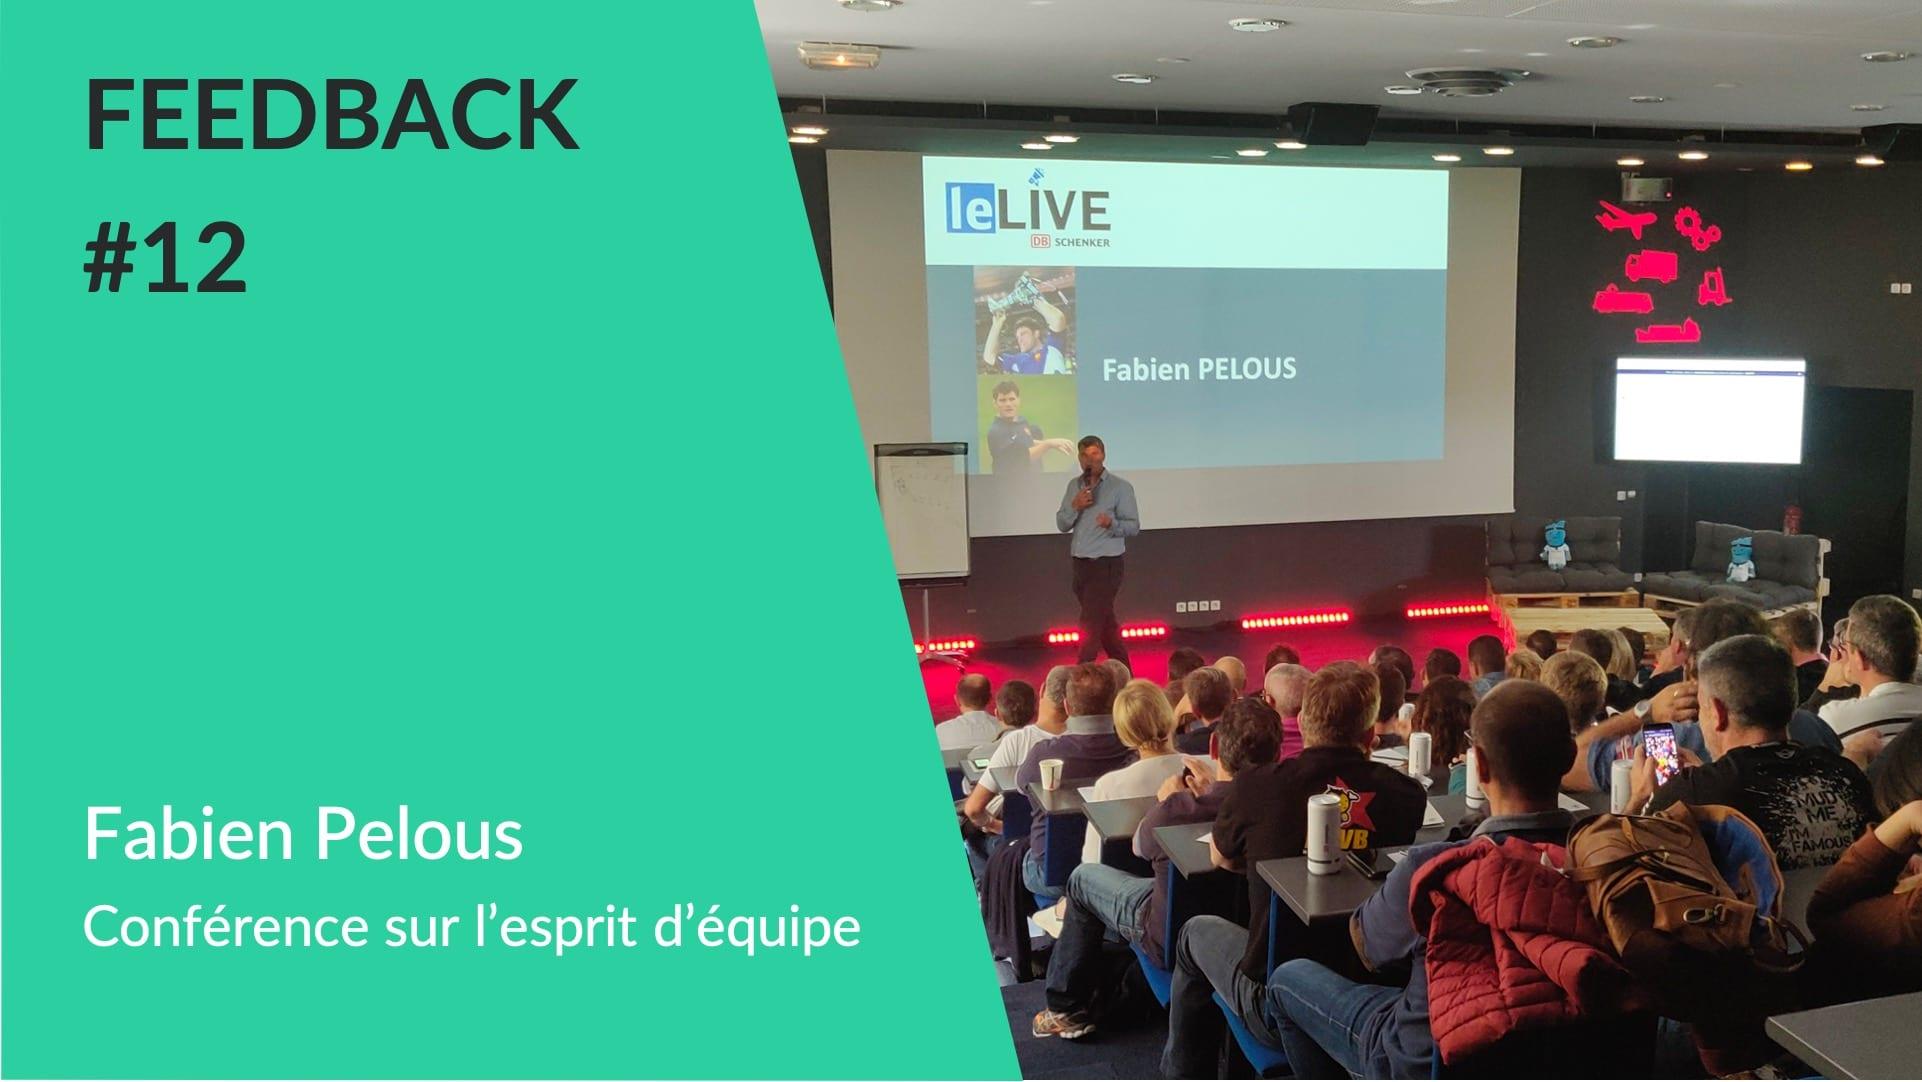 conférence Fabien Pelous Esprit Equipe